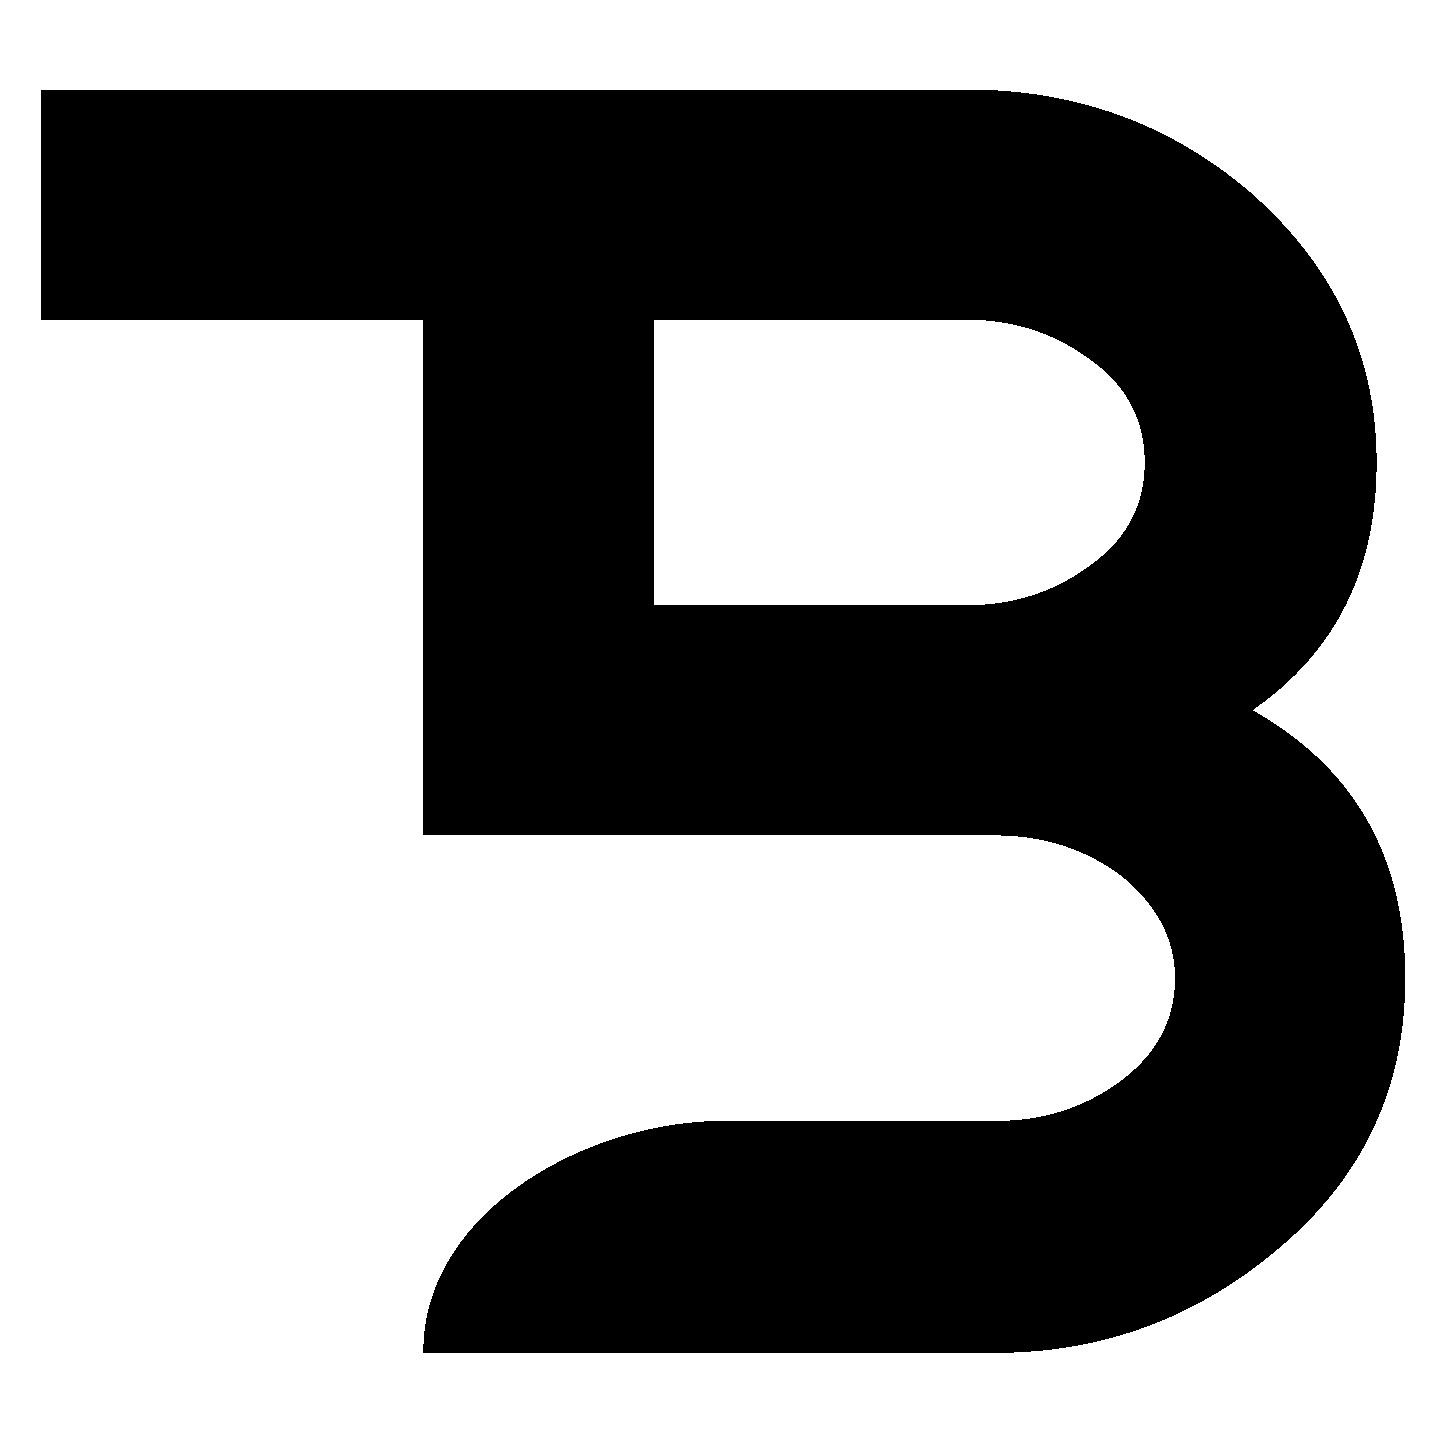 bakiera_logo_samo